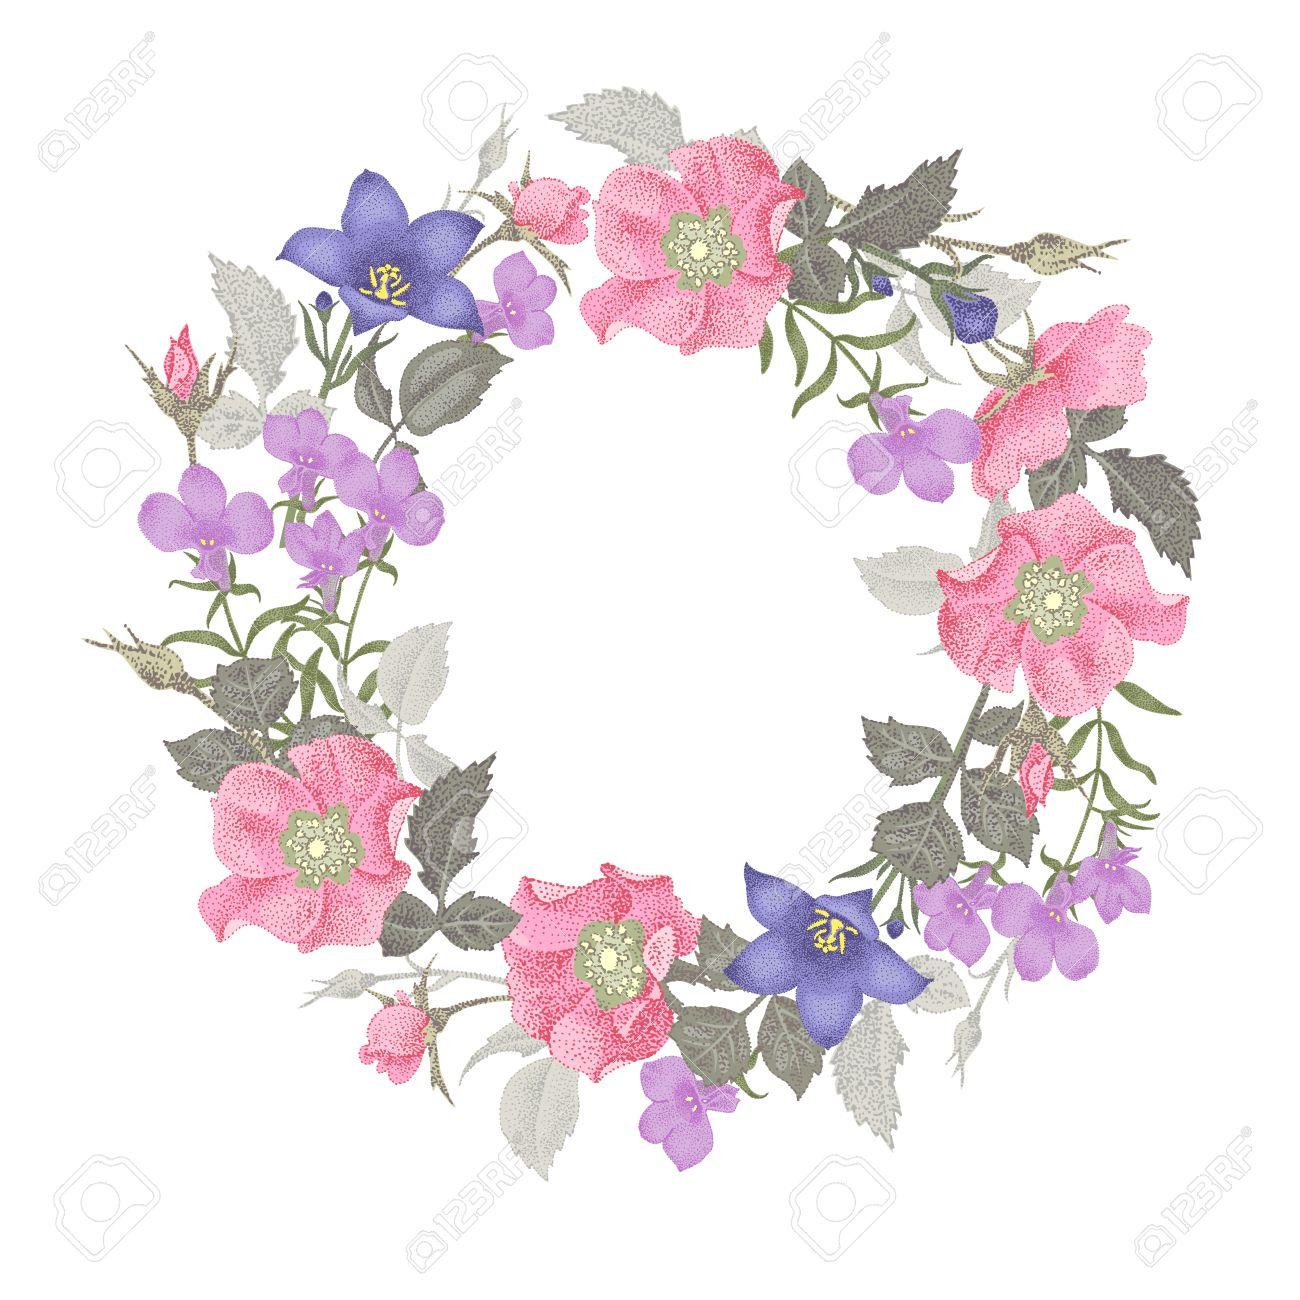 ilustración del vector aislado en el fondo blanco marco de flores